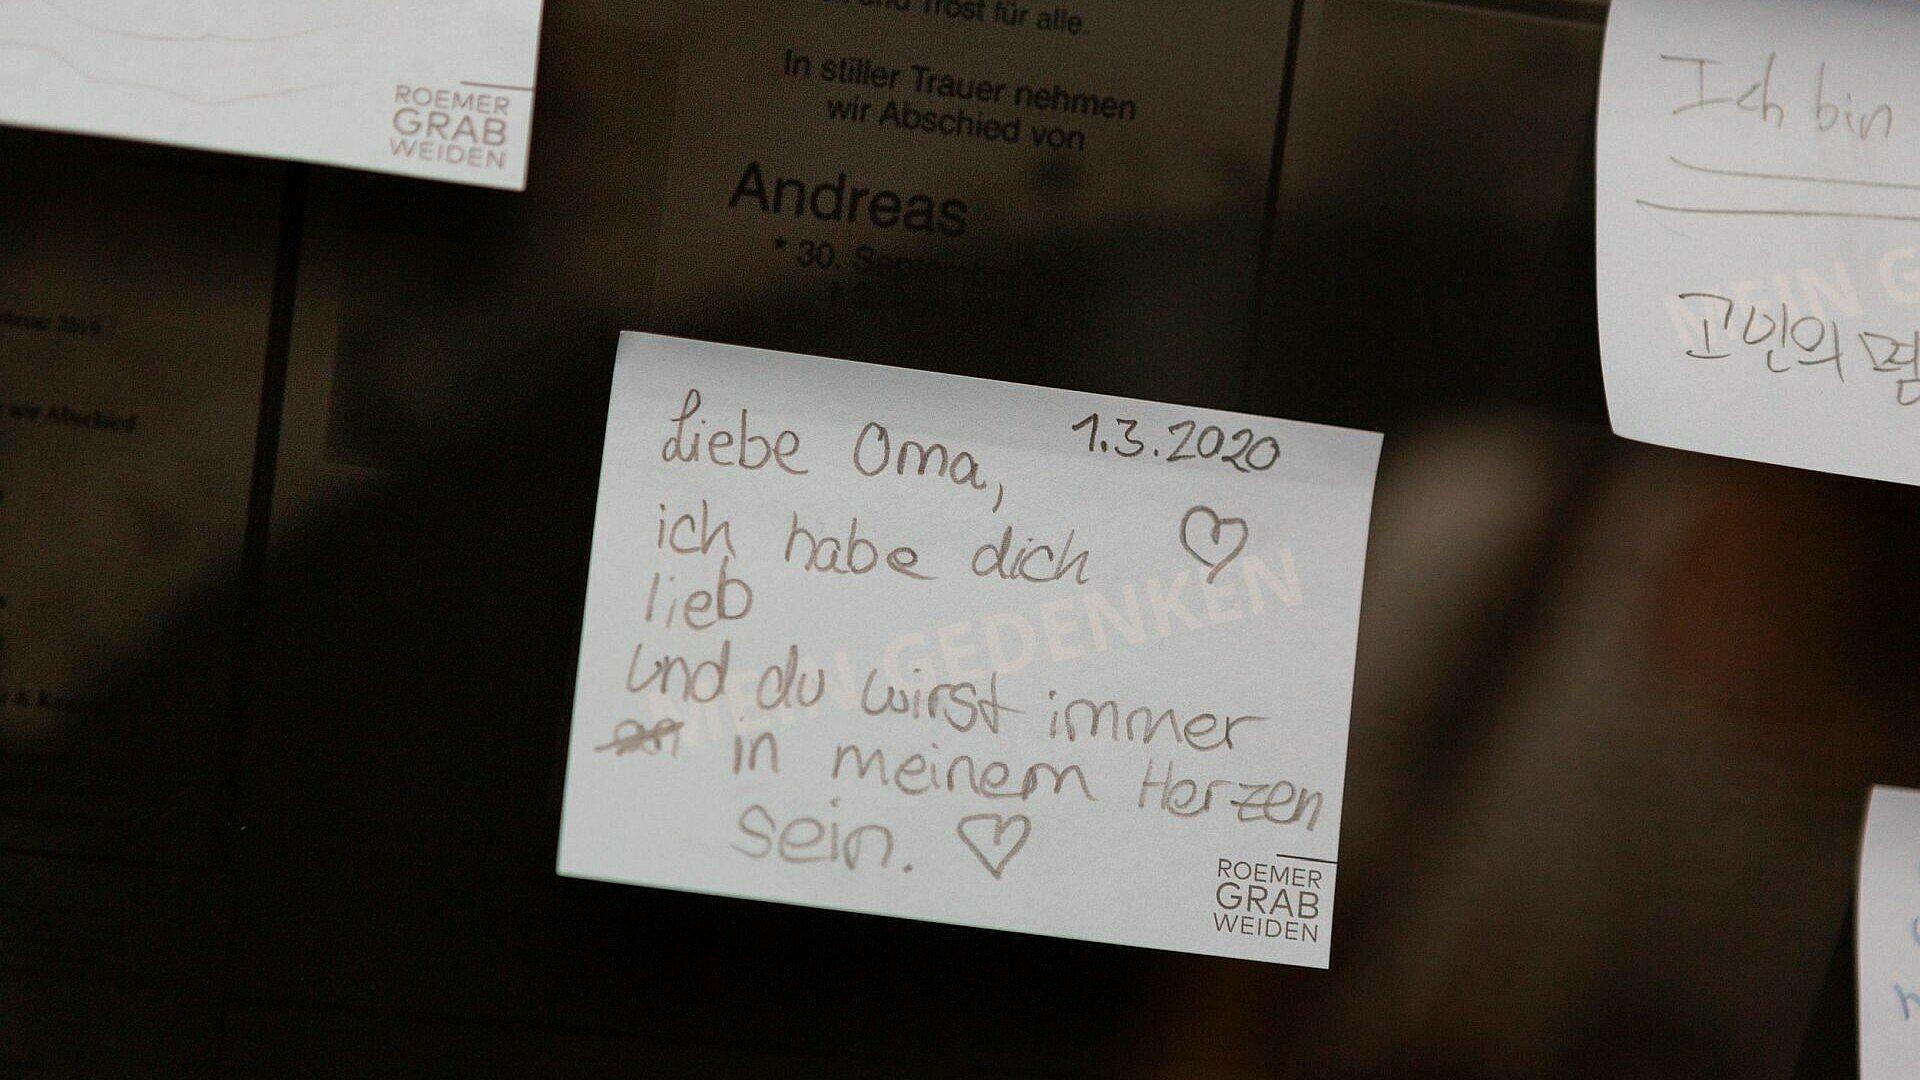 Klebezettel mit Nachrichten von Besuchern im Römergrab in Köln-Weiden